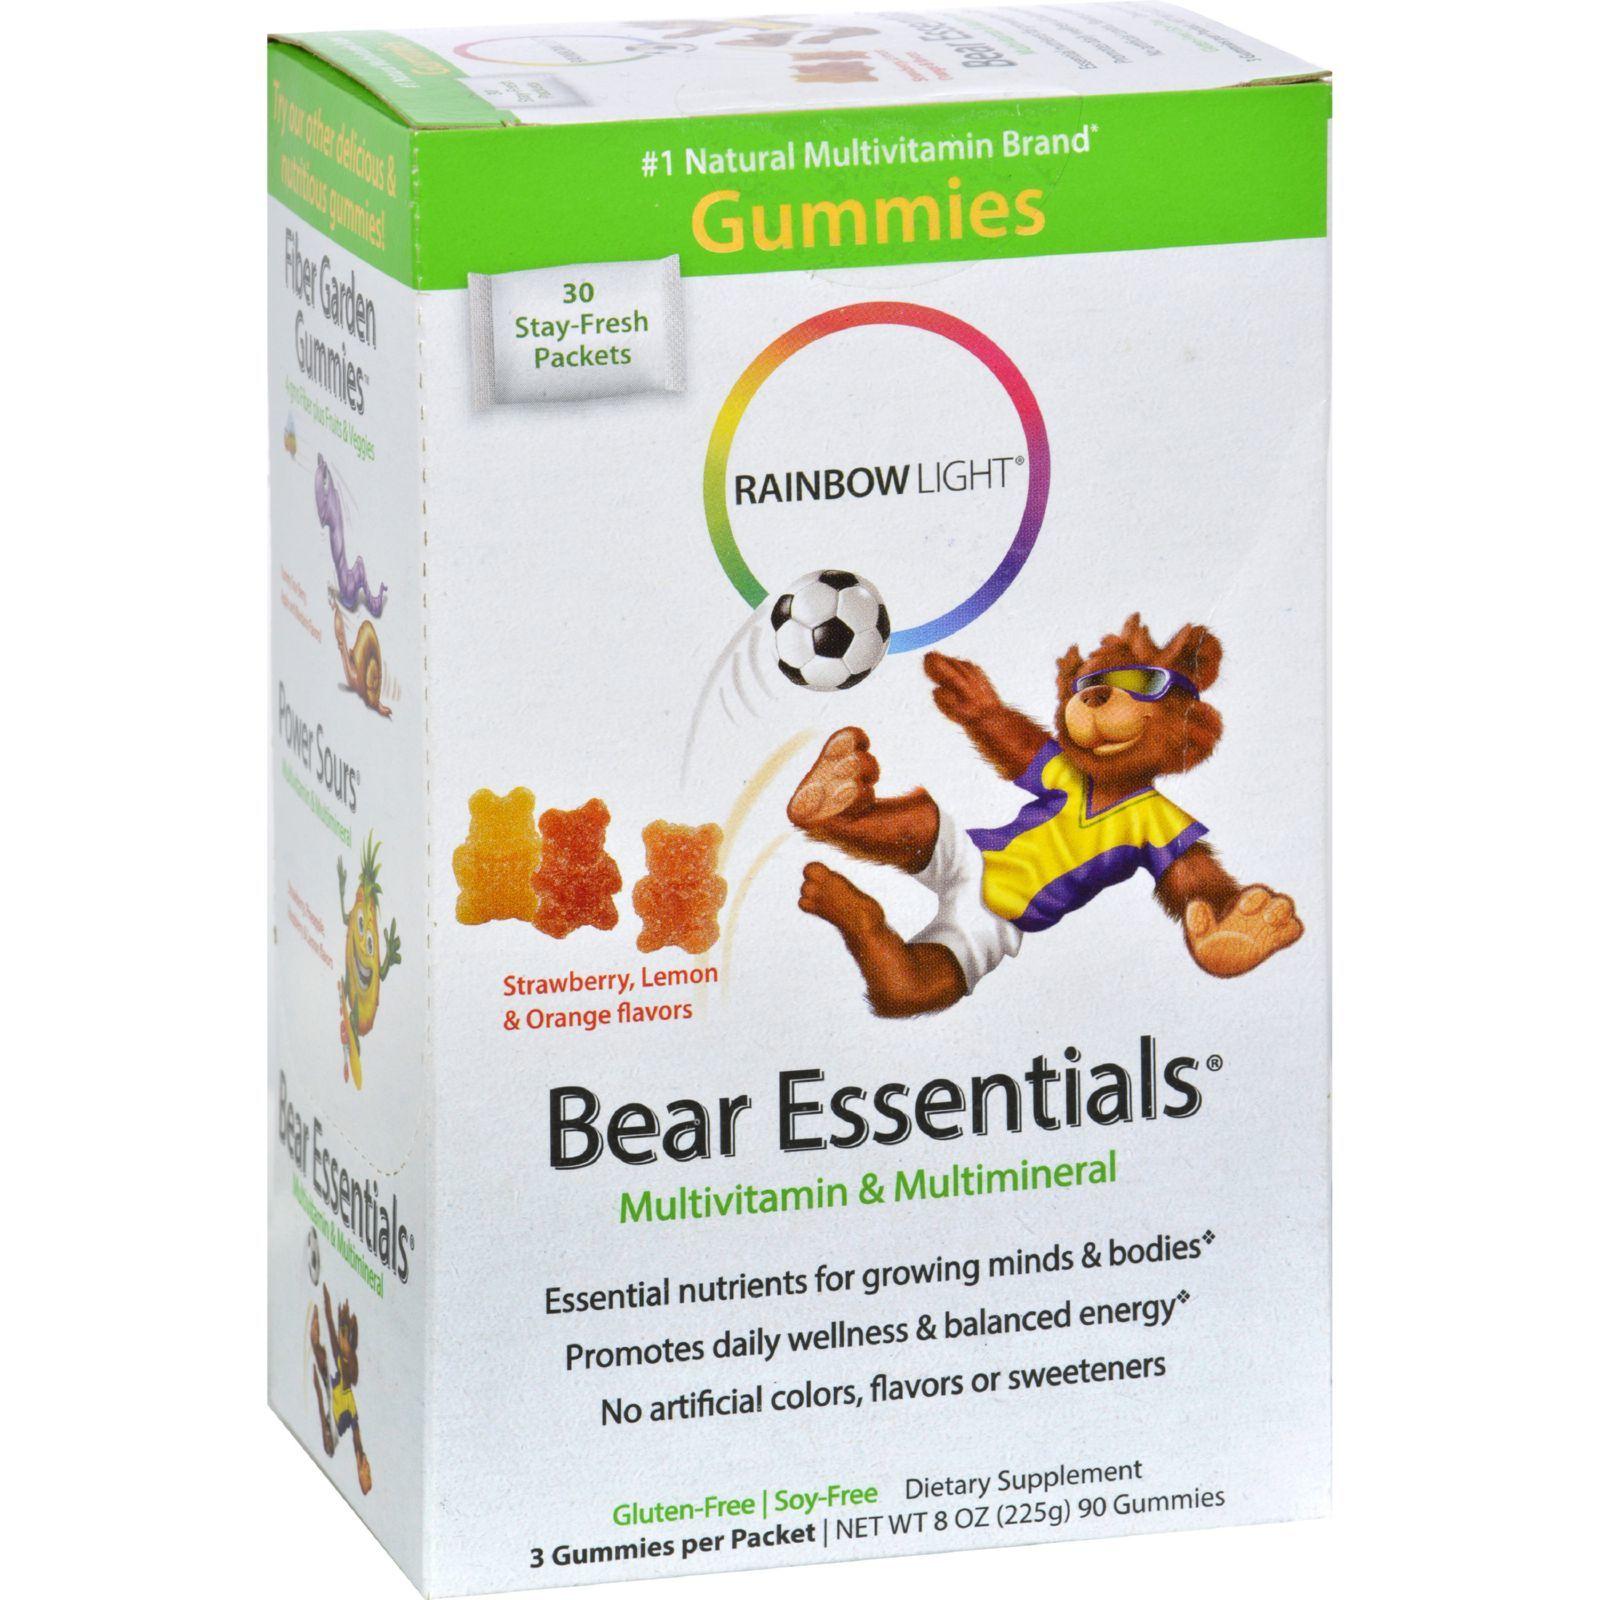 Rainbow Light Gummy Bear Essentials Multivitamin Multimineral Fruit - 30 Packets